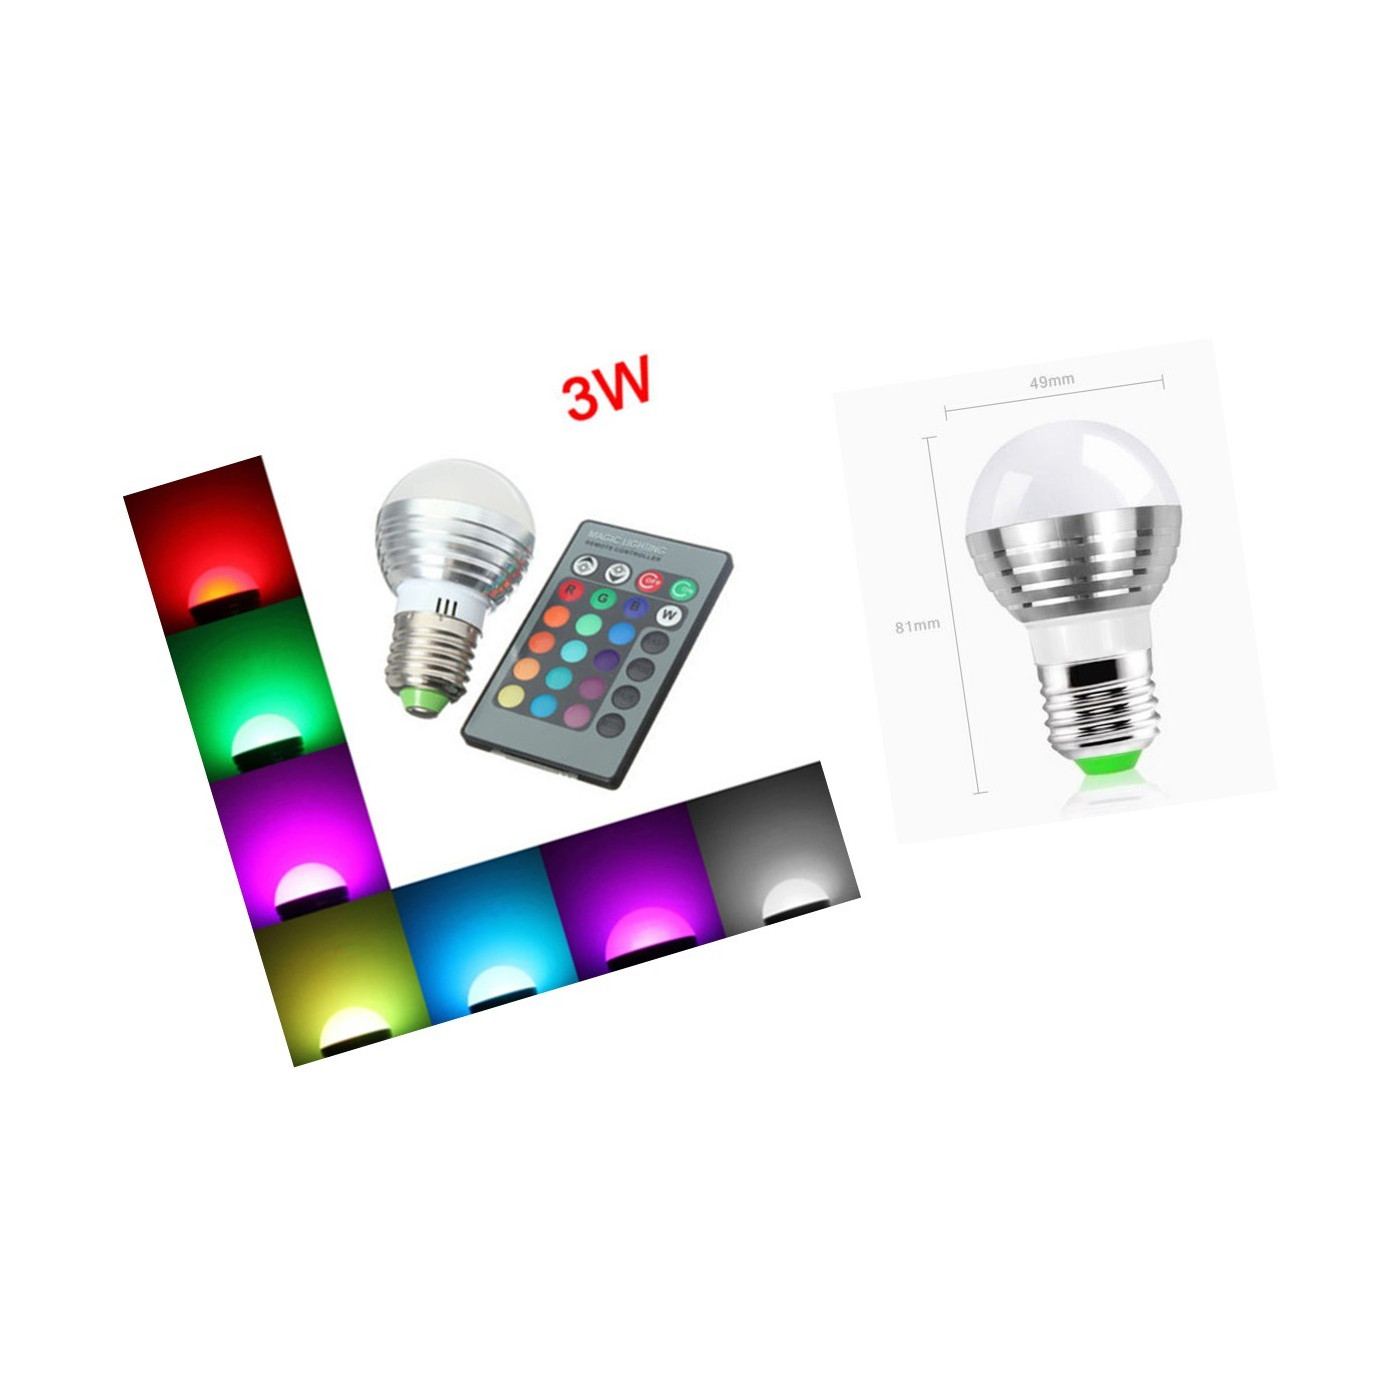 E27 RGB LED Lampe mit Fernbedienung, 3W  - 1